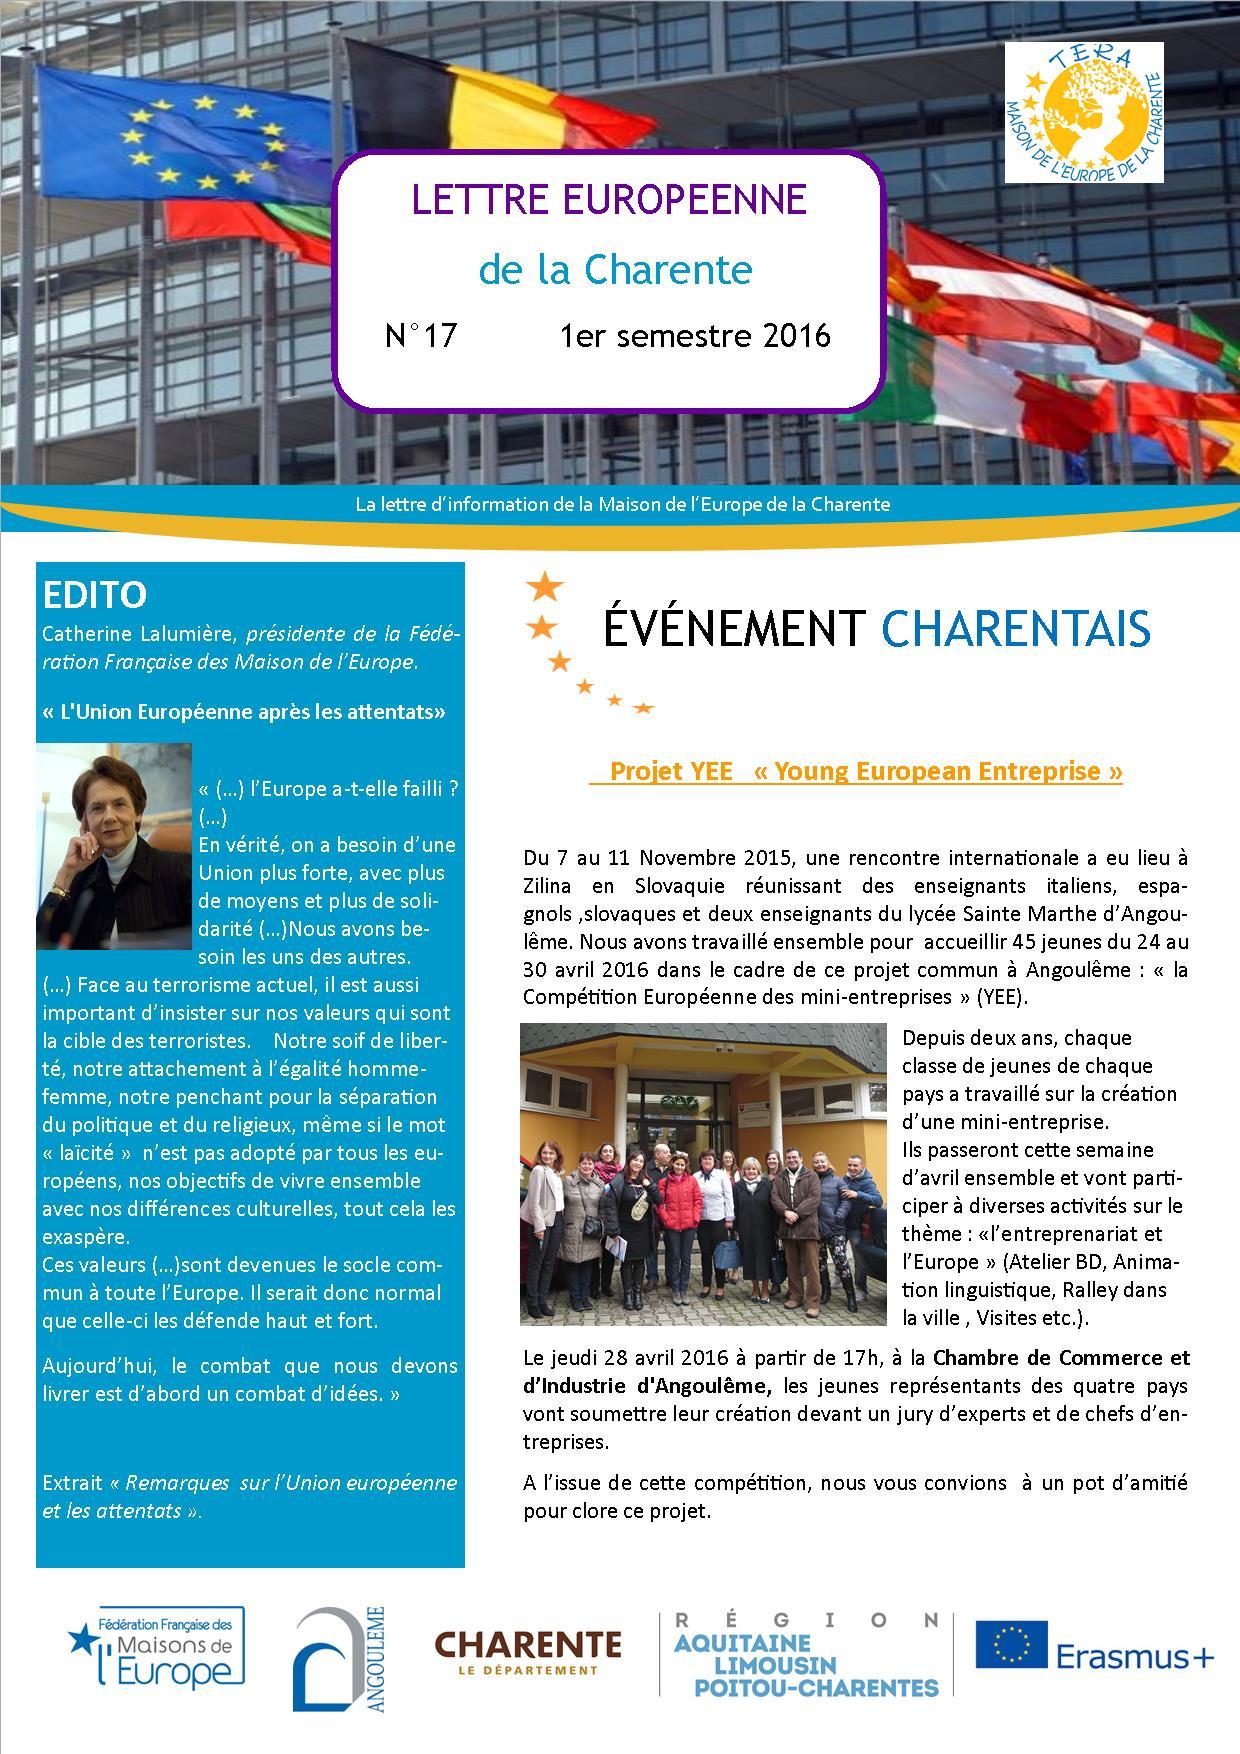 Lettre Européenne de la Charente n°17 du 1er semestre 2016